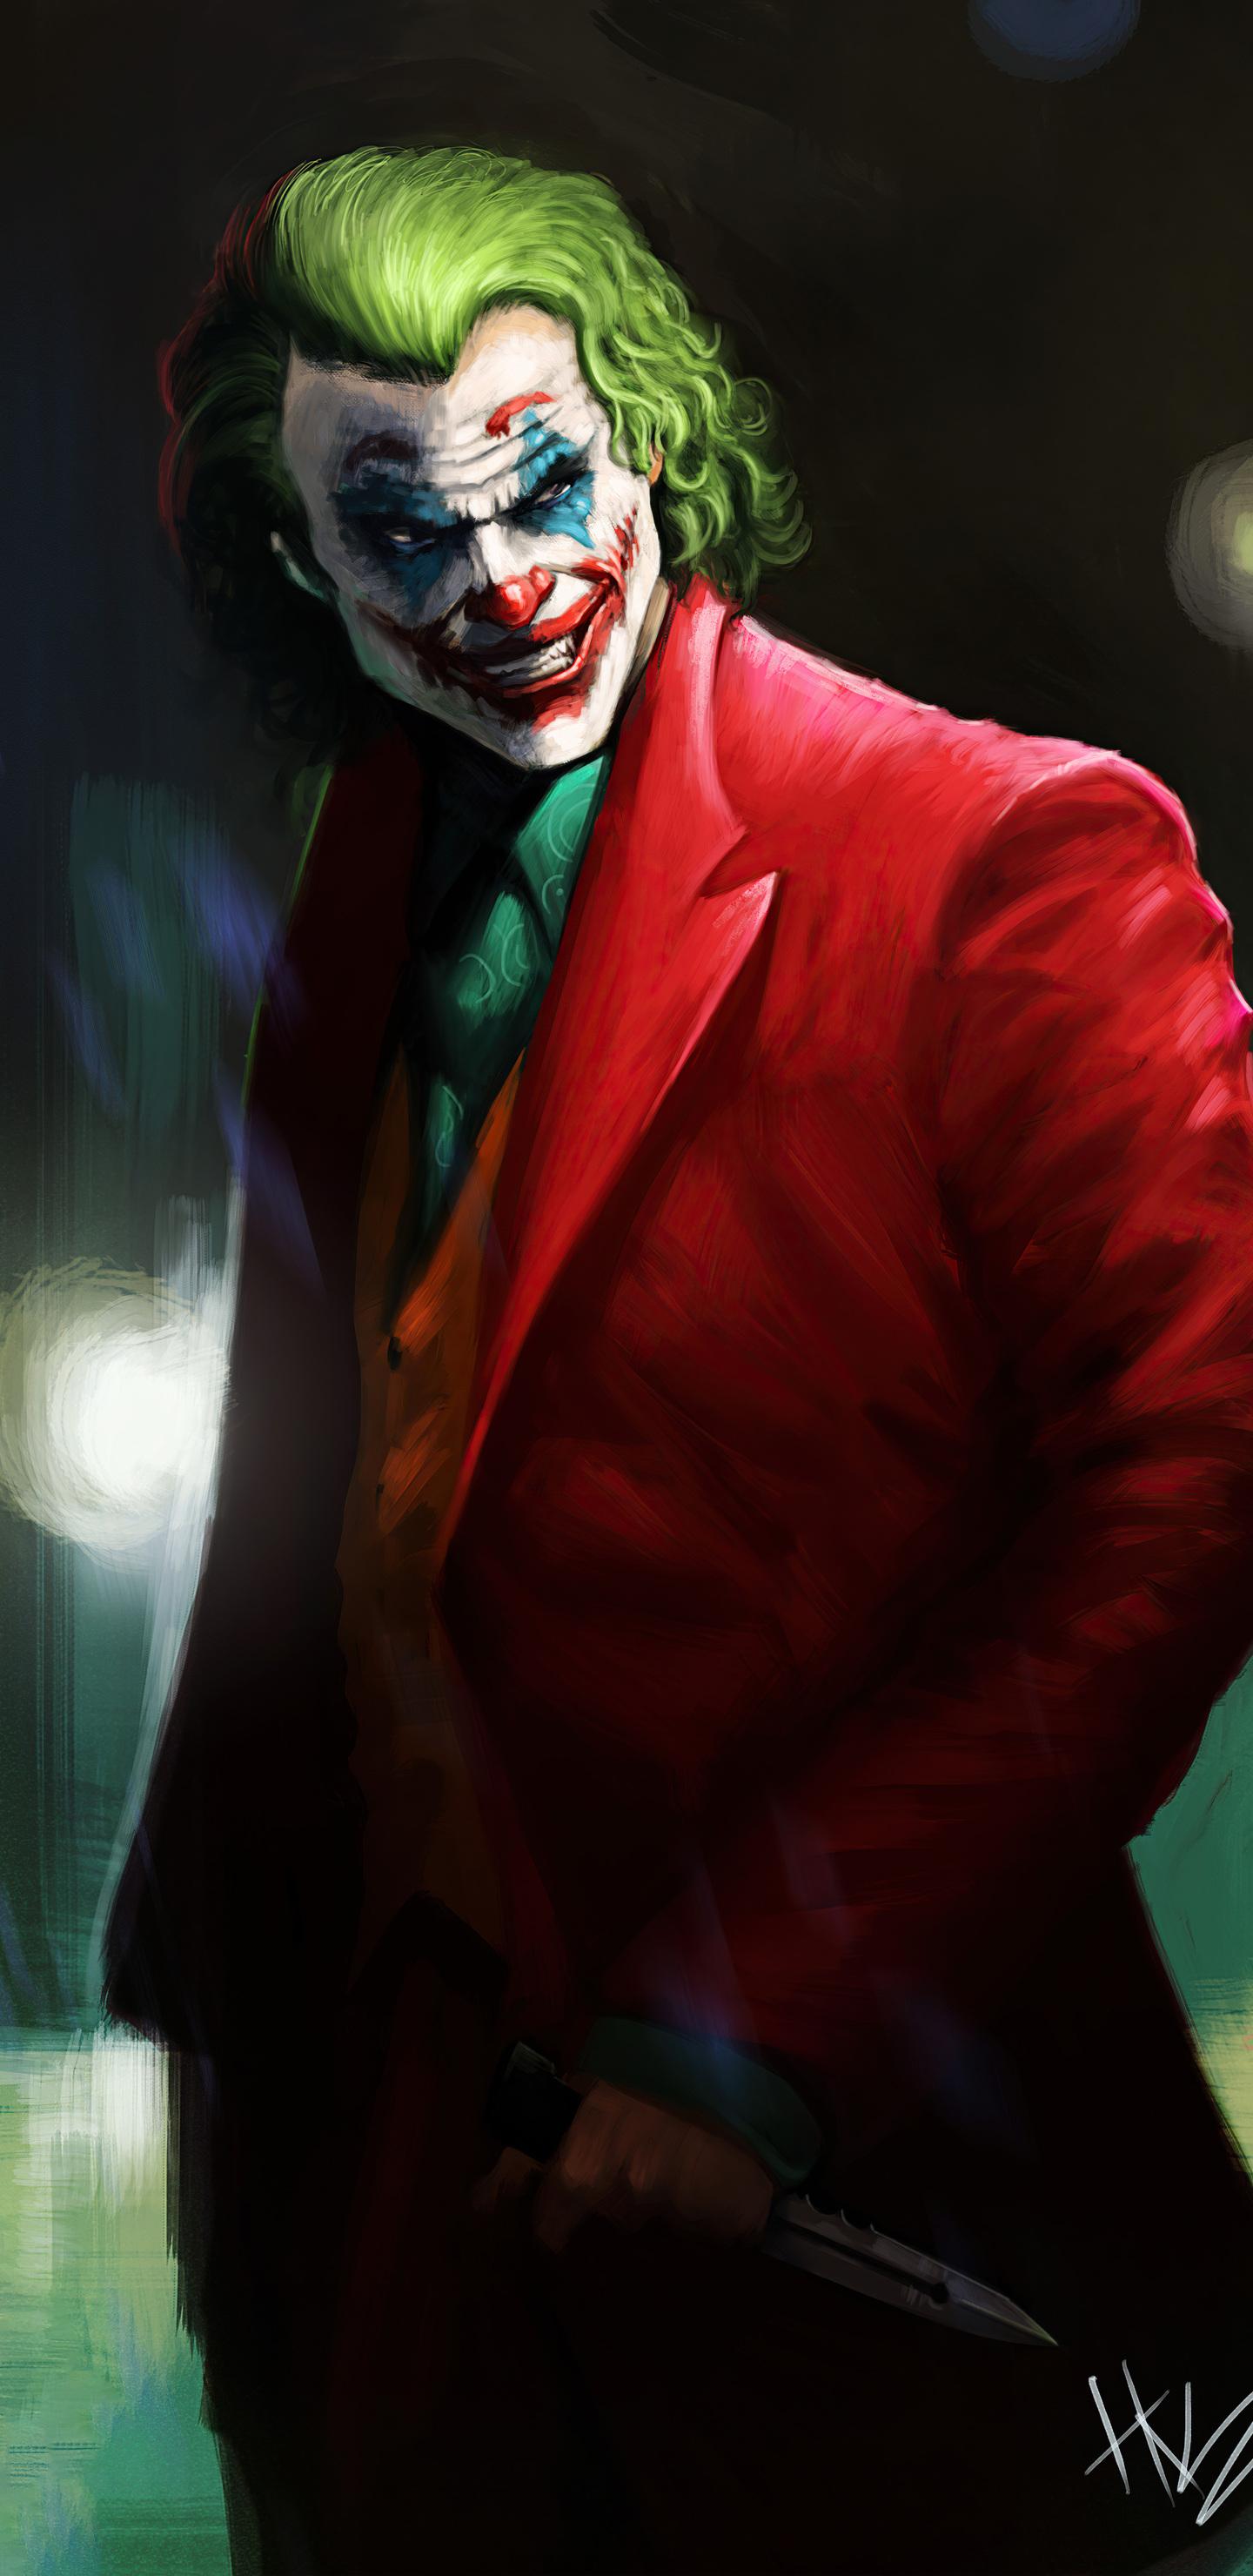 joker-dc-fanart-9n.jpg